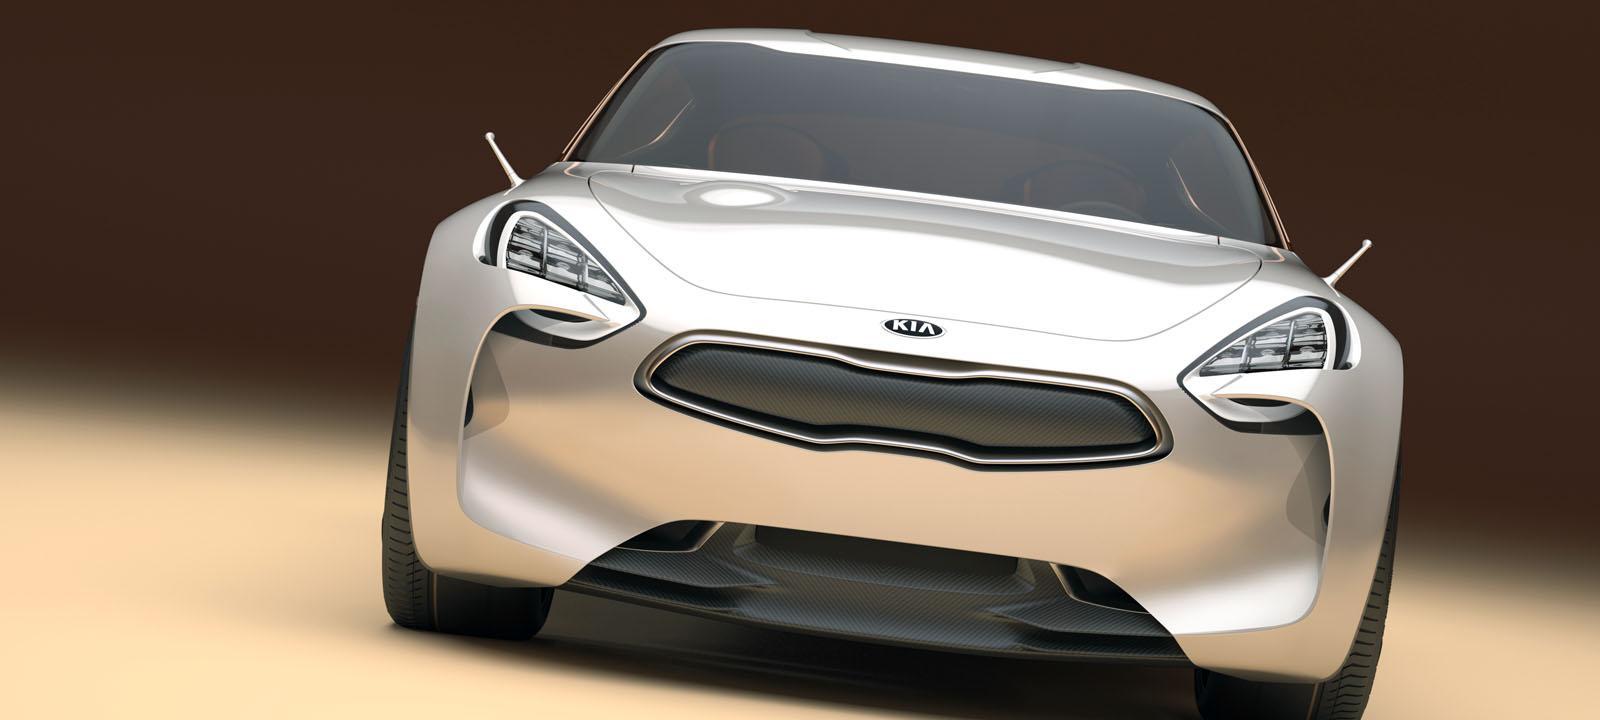 Kia GT готовится к дебюту в Детройте - журнал За рулем